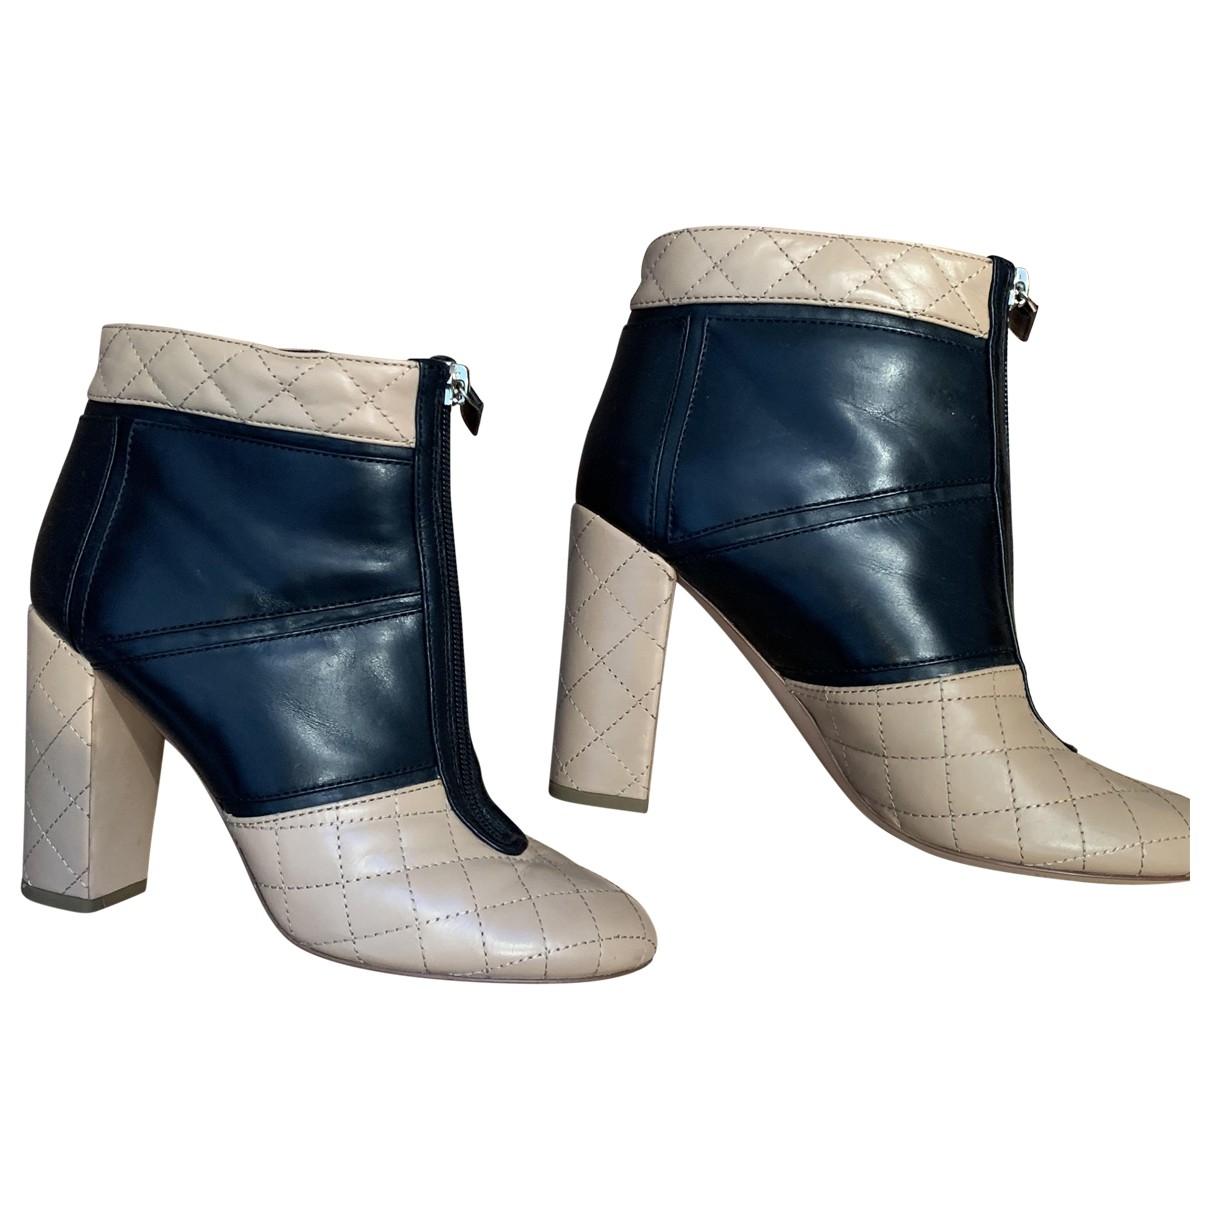 Chanel - Boots   pour femme en cuir - beige